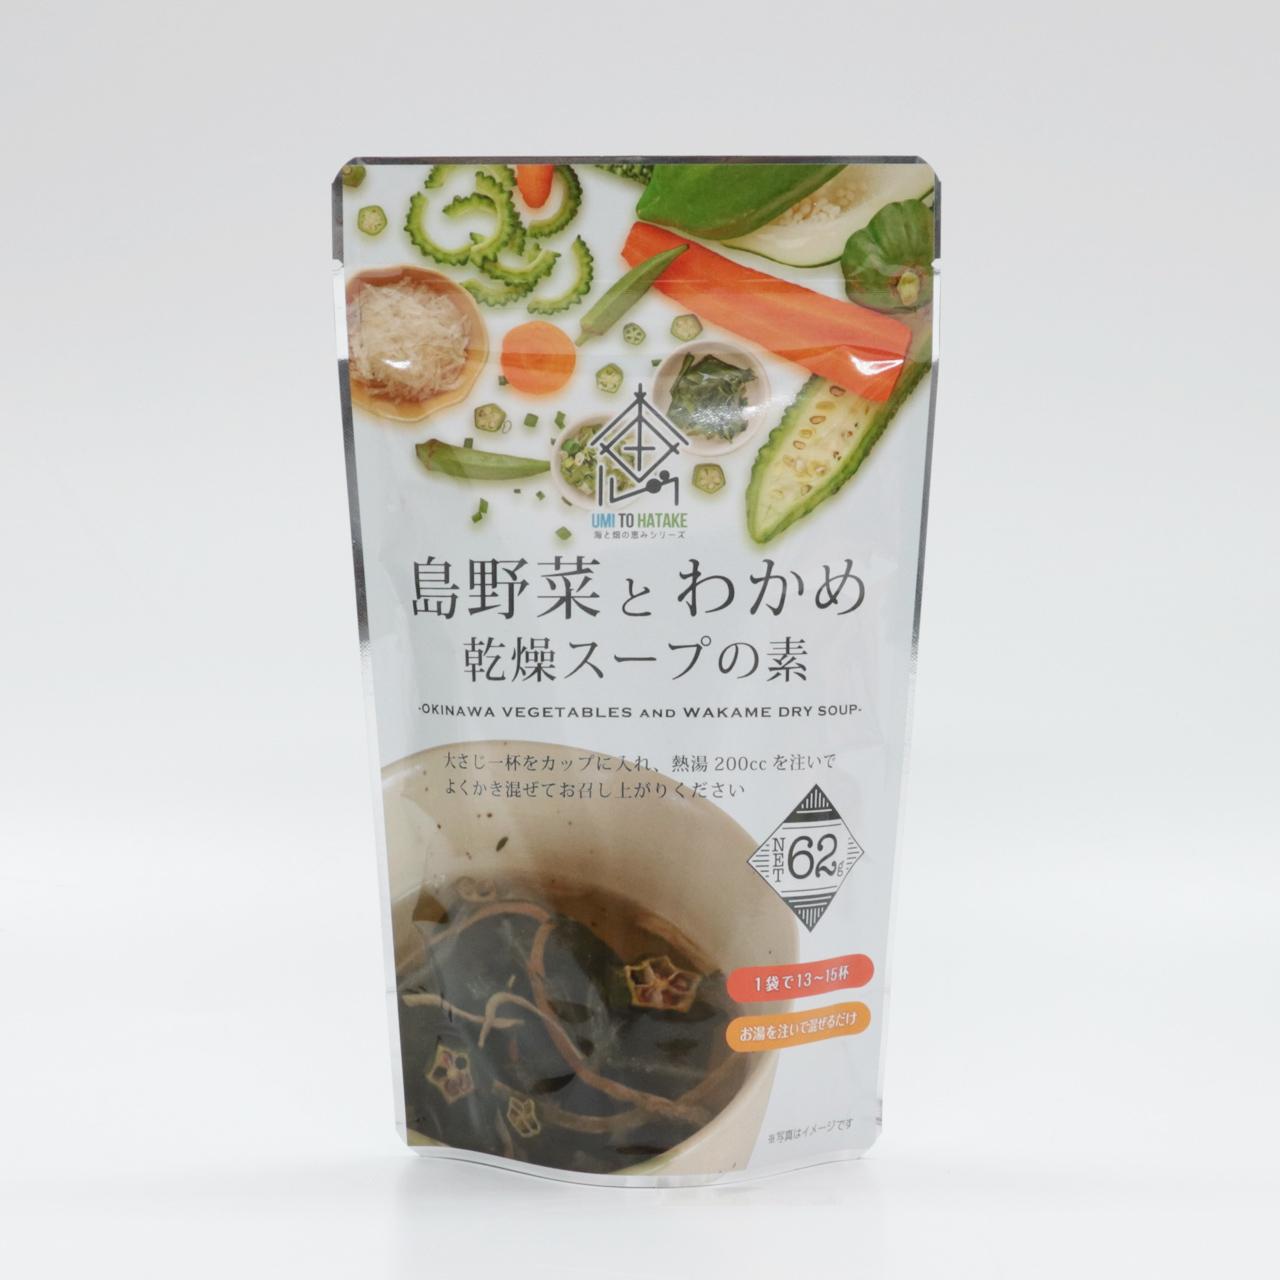 島野菜とわかめ乾燥スープの素 島酒家